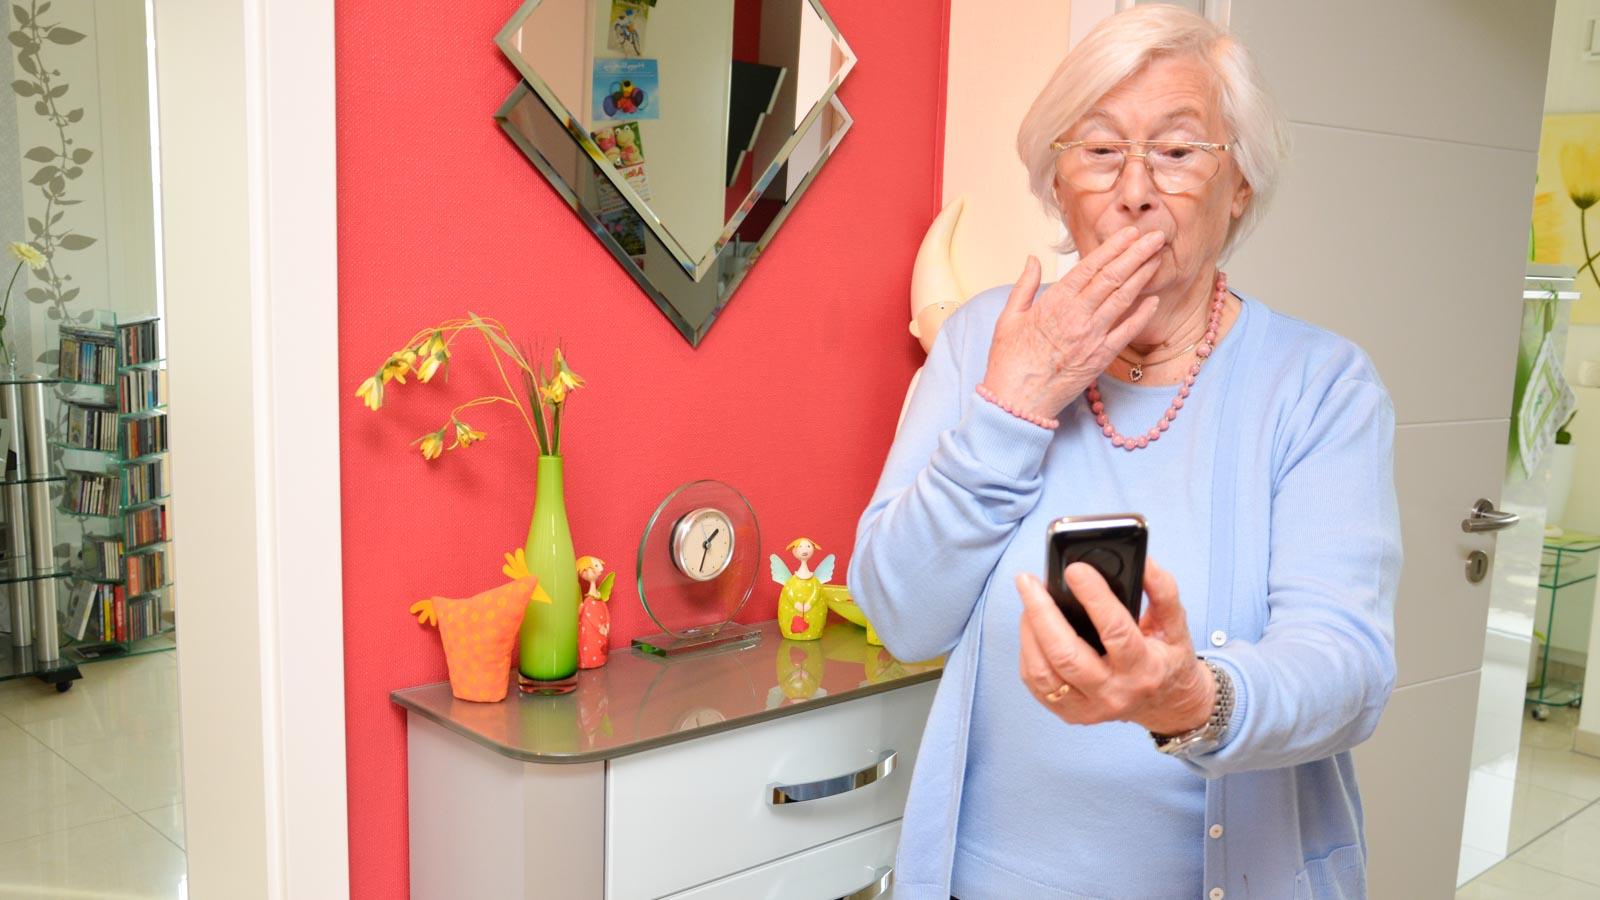 Erschreckte Senioren schaut auf ihr Smartphone